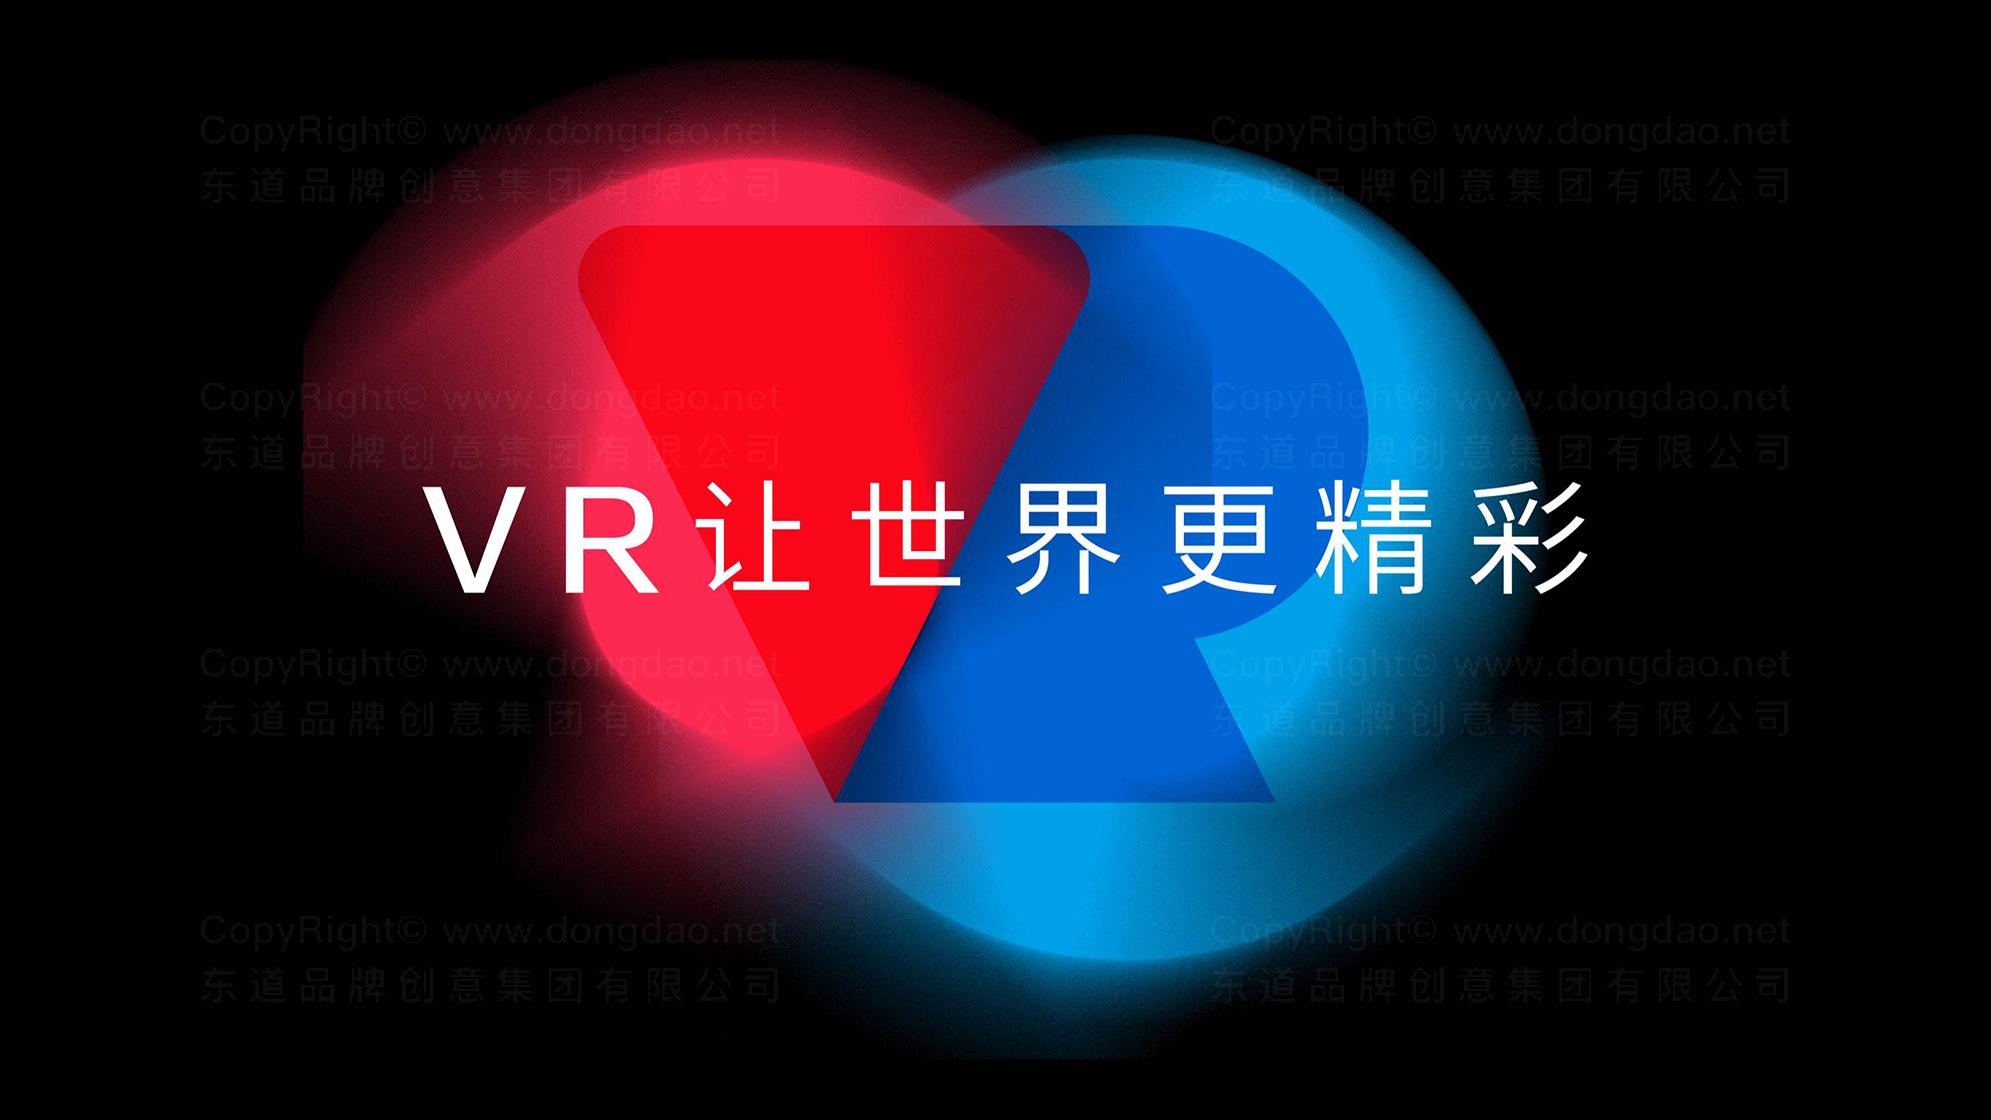 品牌设计案例世界VR大会LOGO&VI设计